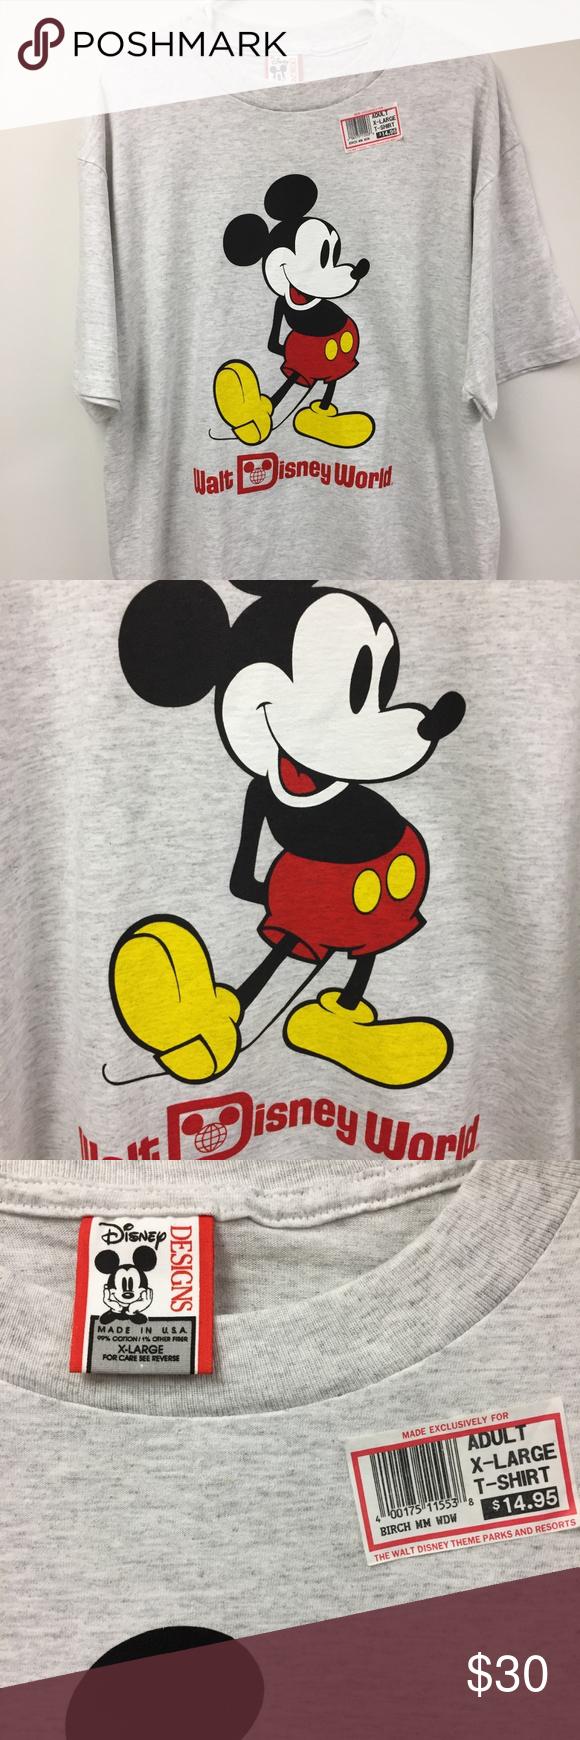 Walt Disney World Vintage 90 S T Shirt Xl Nwt Wdw New With Tag Vintage 90 S Walt Disney World Mickey Mouse T Mickey Mouse T Shirt Disney Designs Disney World